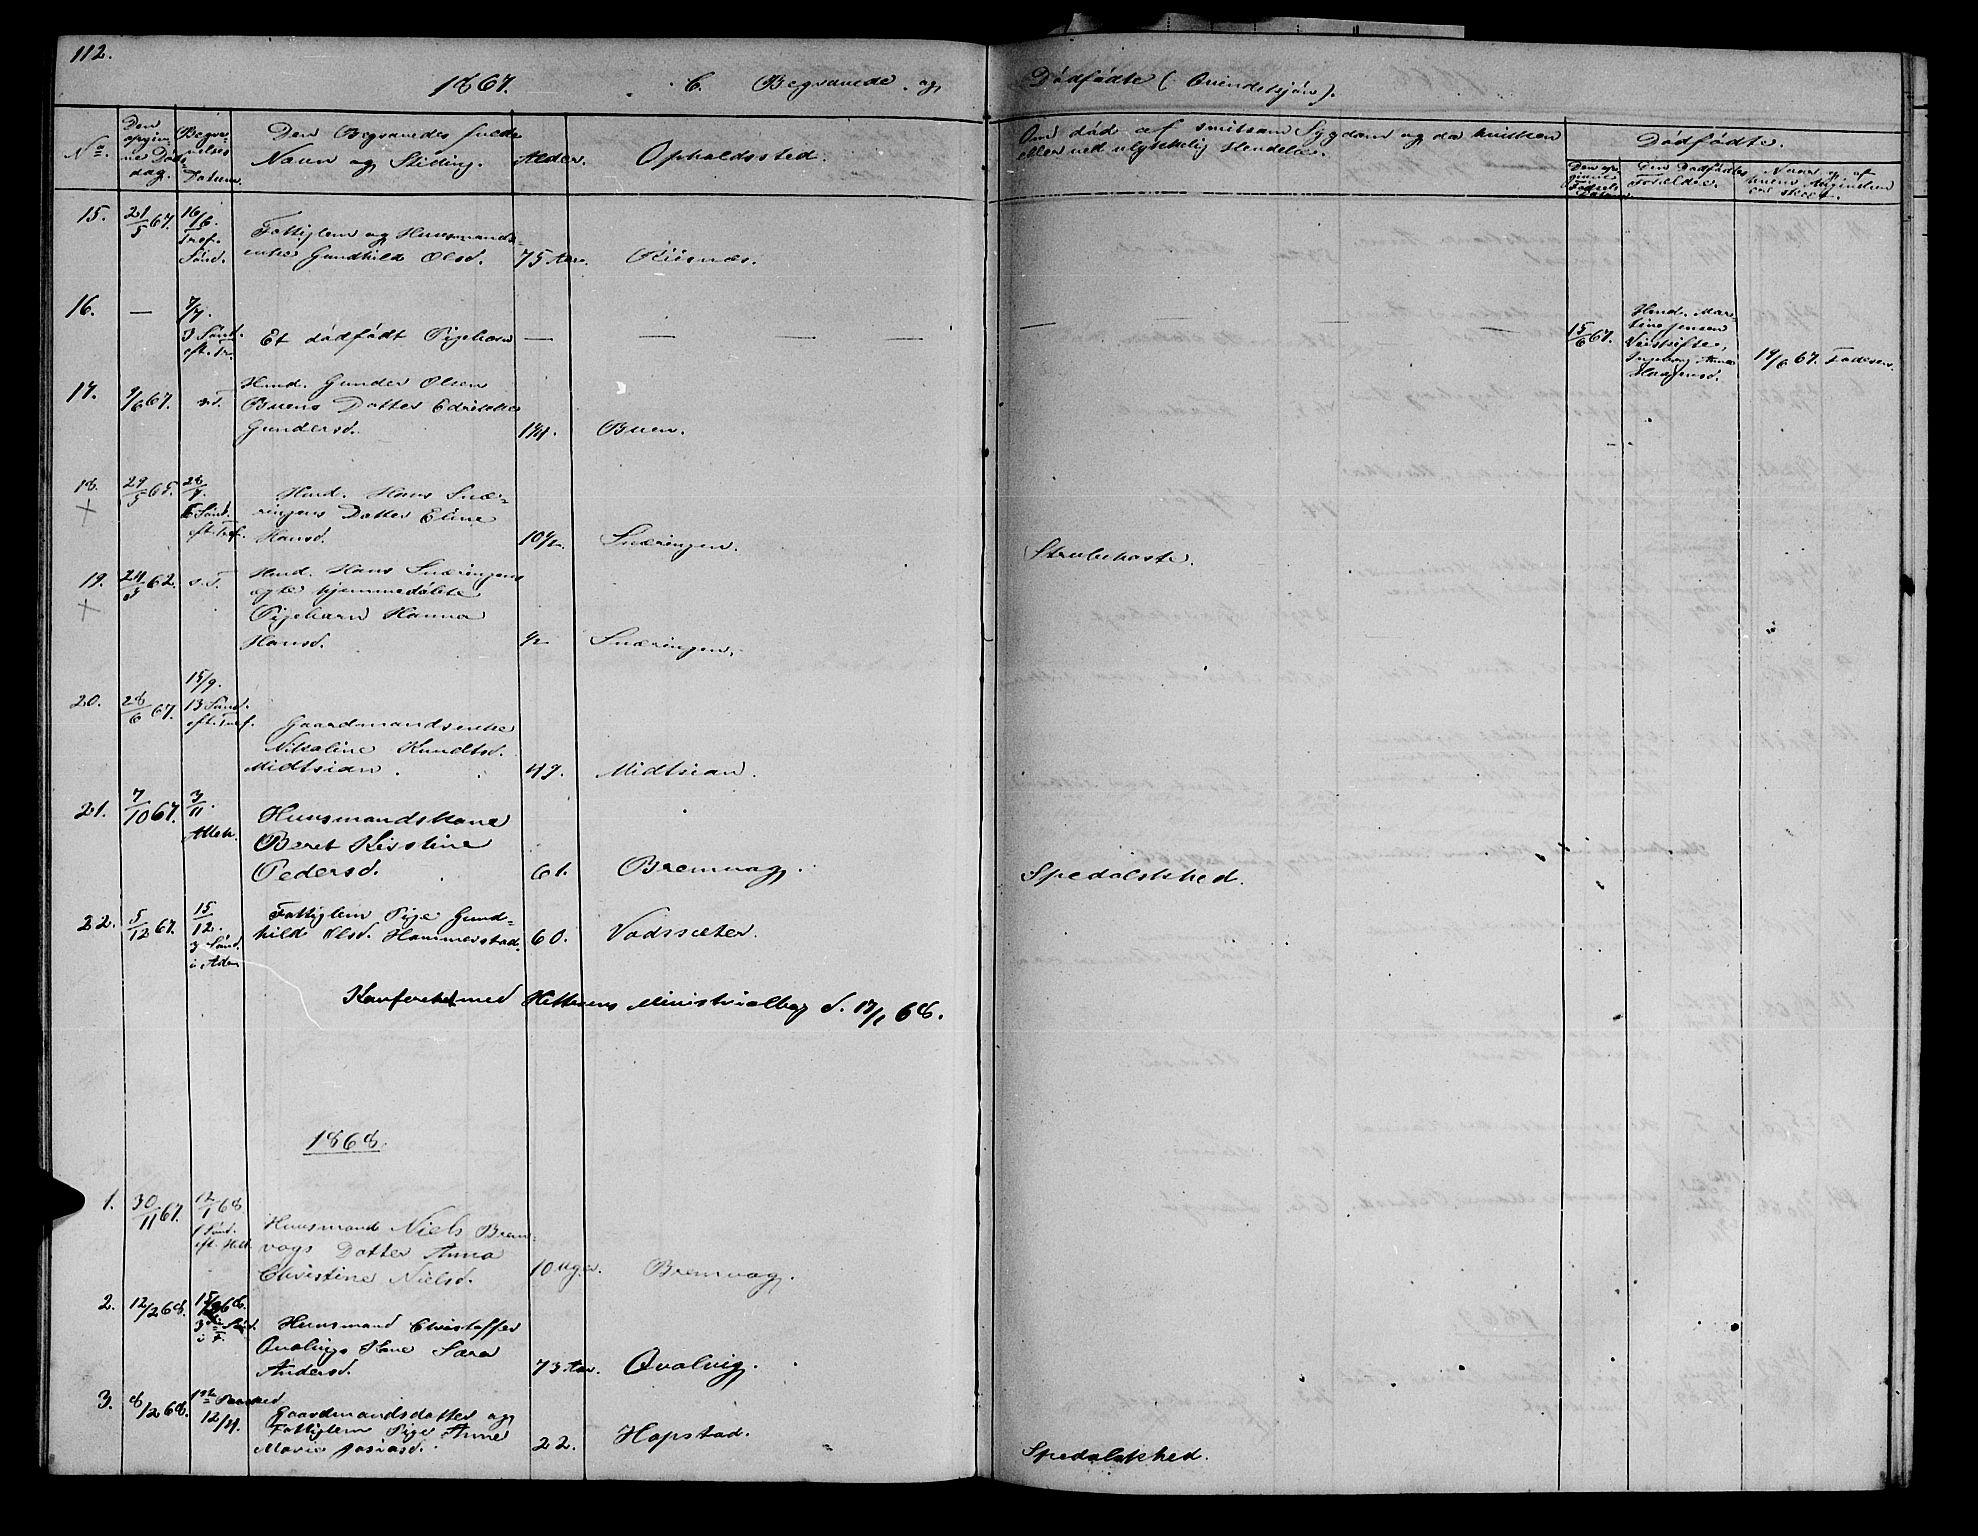 SAT, Ministerialprotokoller, klokkerbøker og fødselsregistre - Sør-Trøndelag, 634/L0539: Klokkerbok nr. 634C01, 1866-1873, s. 112